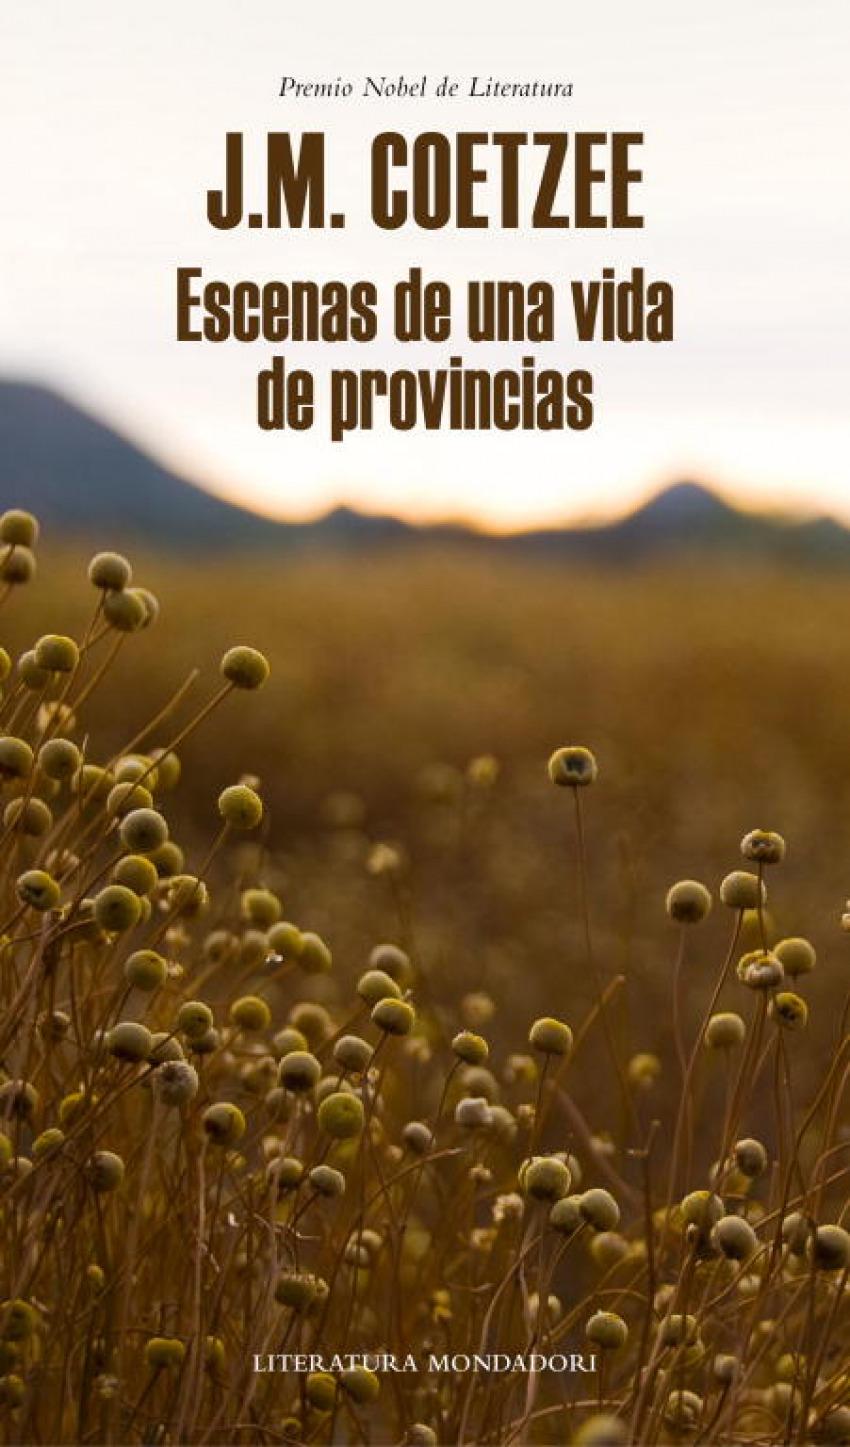 Escenas de una vida de provincias 9788439726401